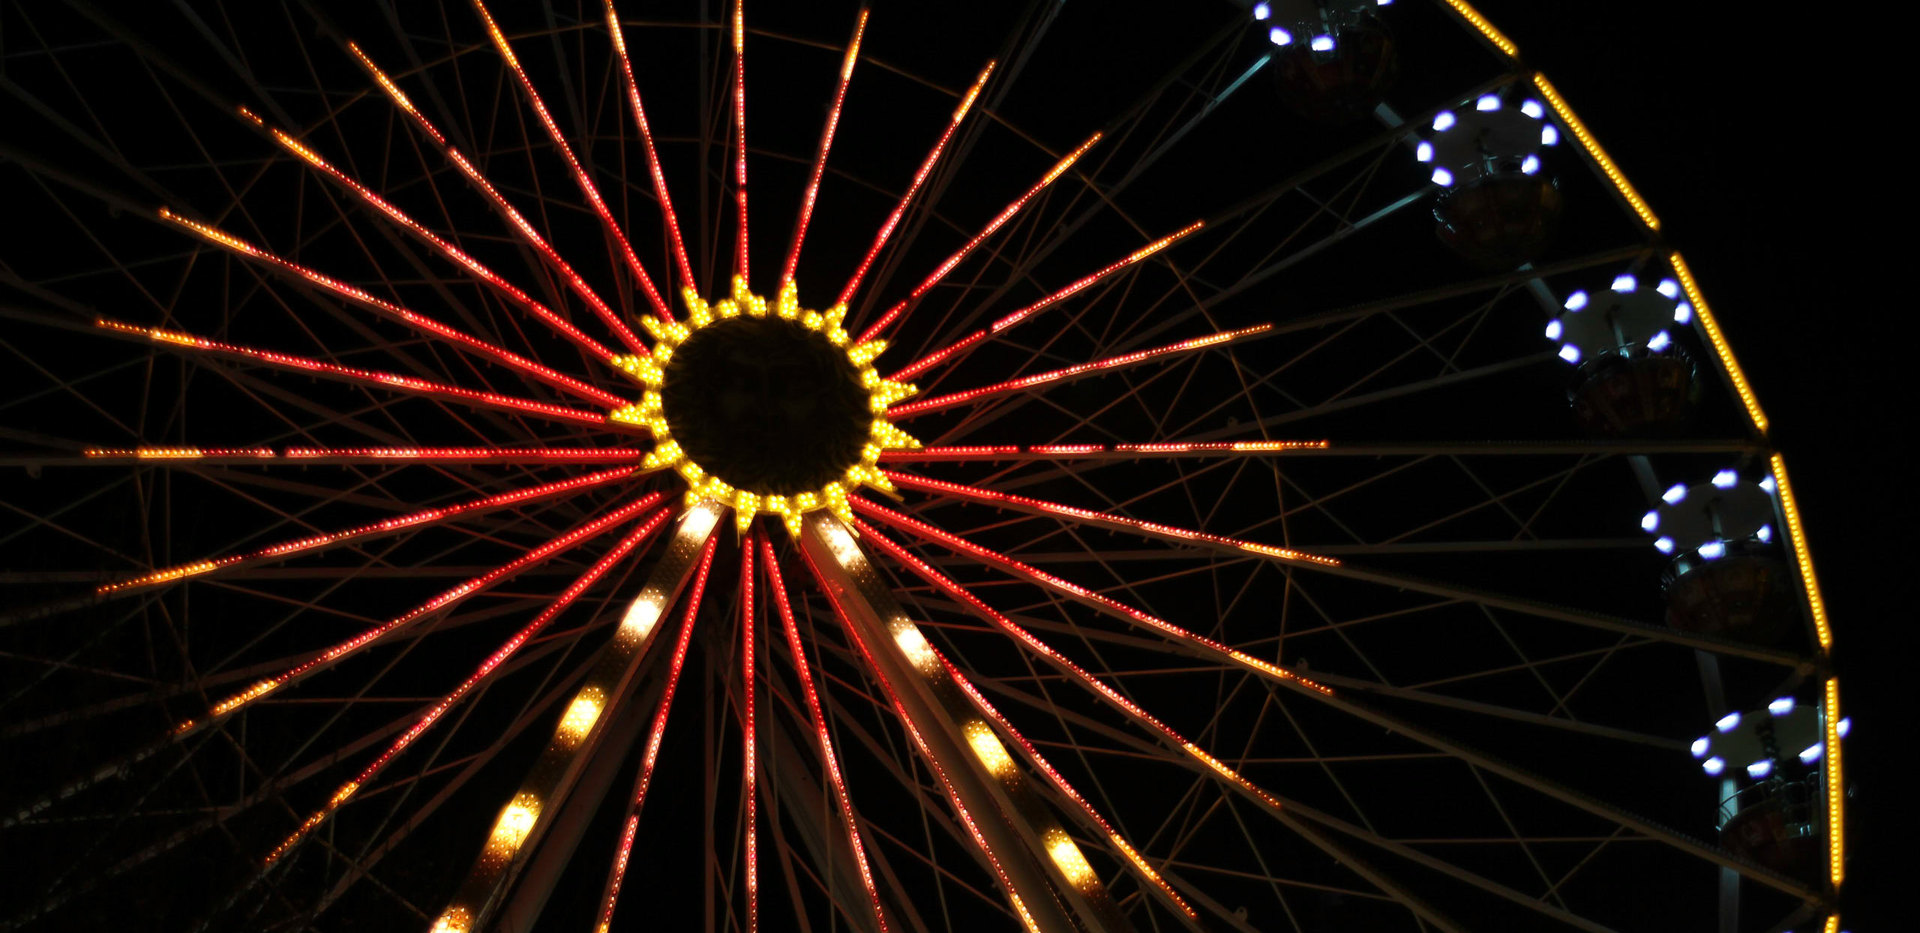 Weihnachtsmarkt | Riesenrad nachts | fototouren.net